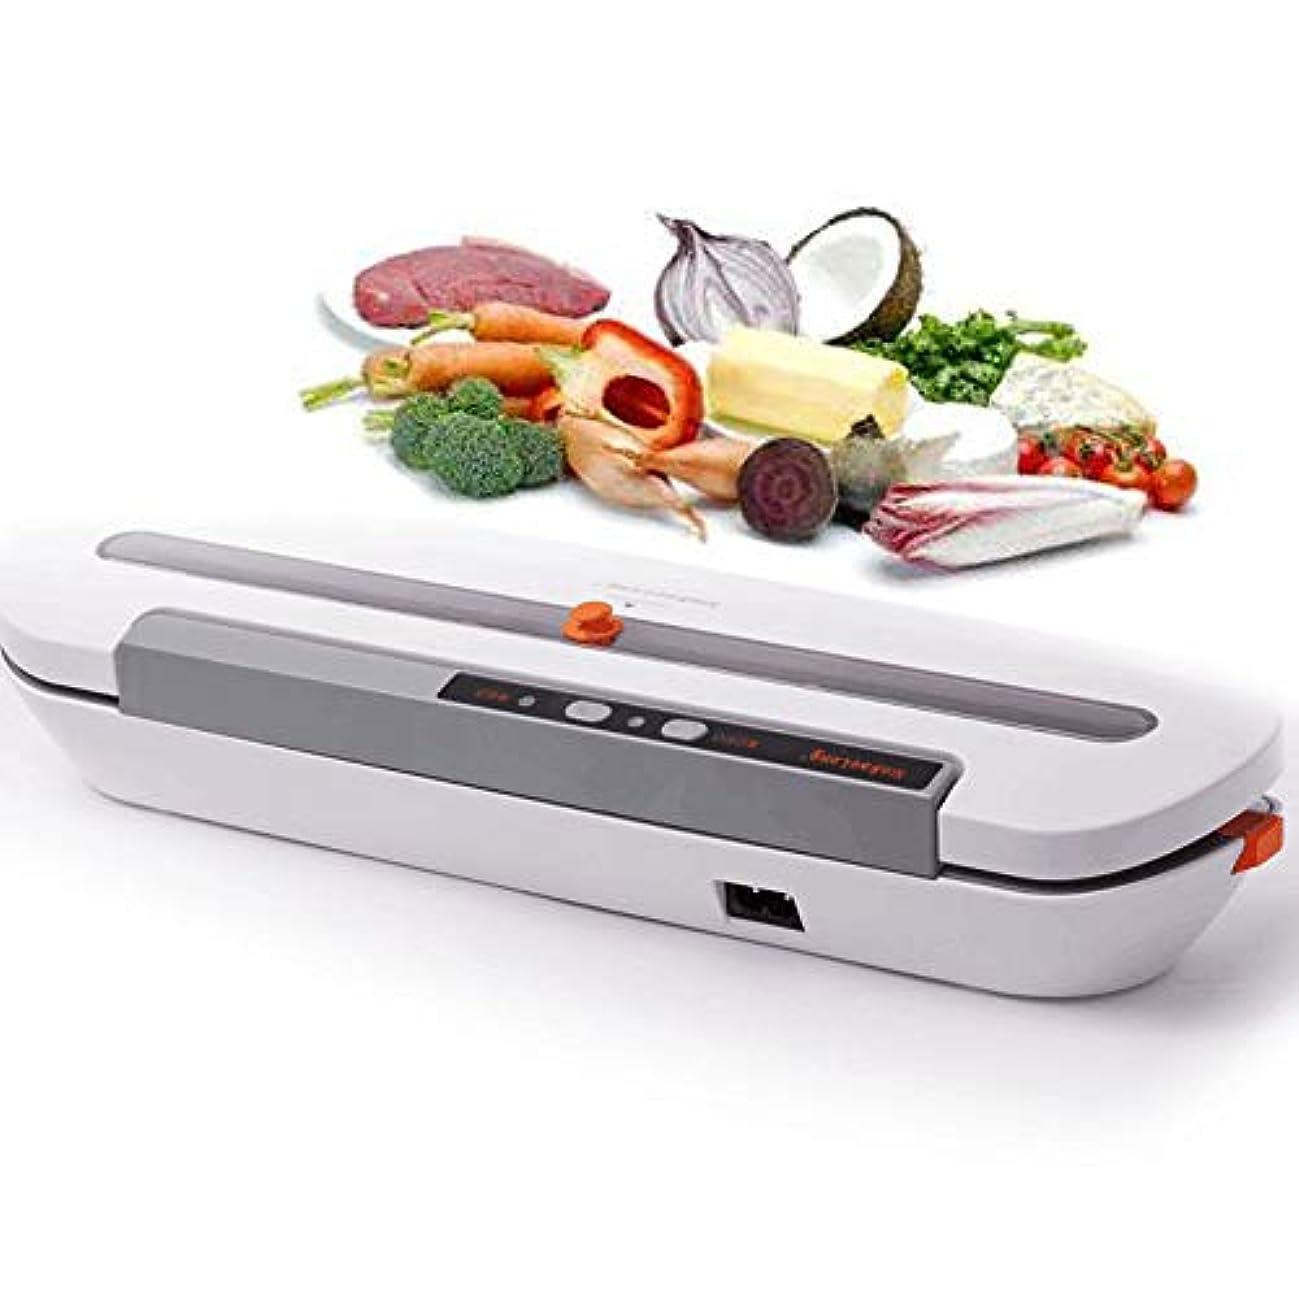 ヒープ導入する前書きスターターキット付き食品用真空シーラー/自動真空シーラー/ 29cm溶接/乾湿両用モード/ 8倍の長さのフレッシュ/コンパクト設計。